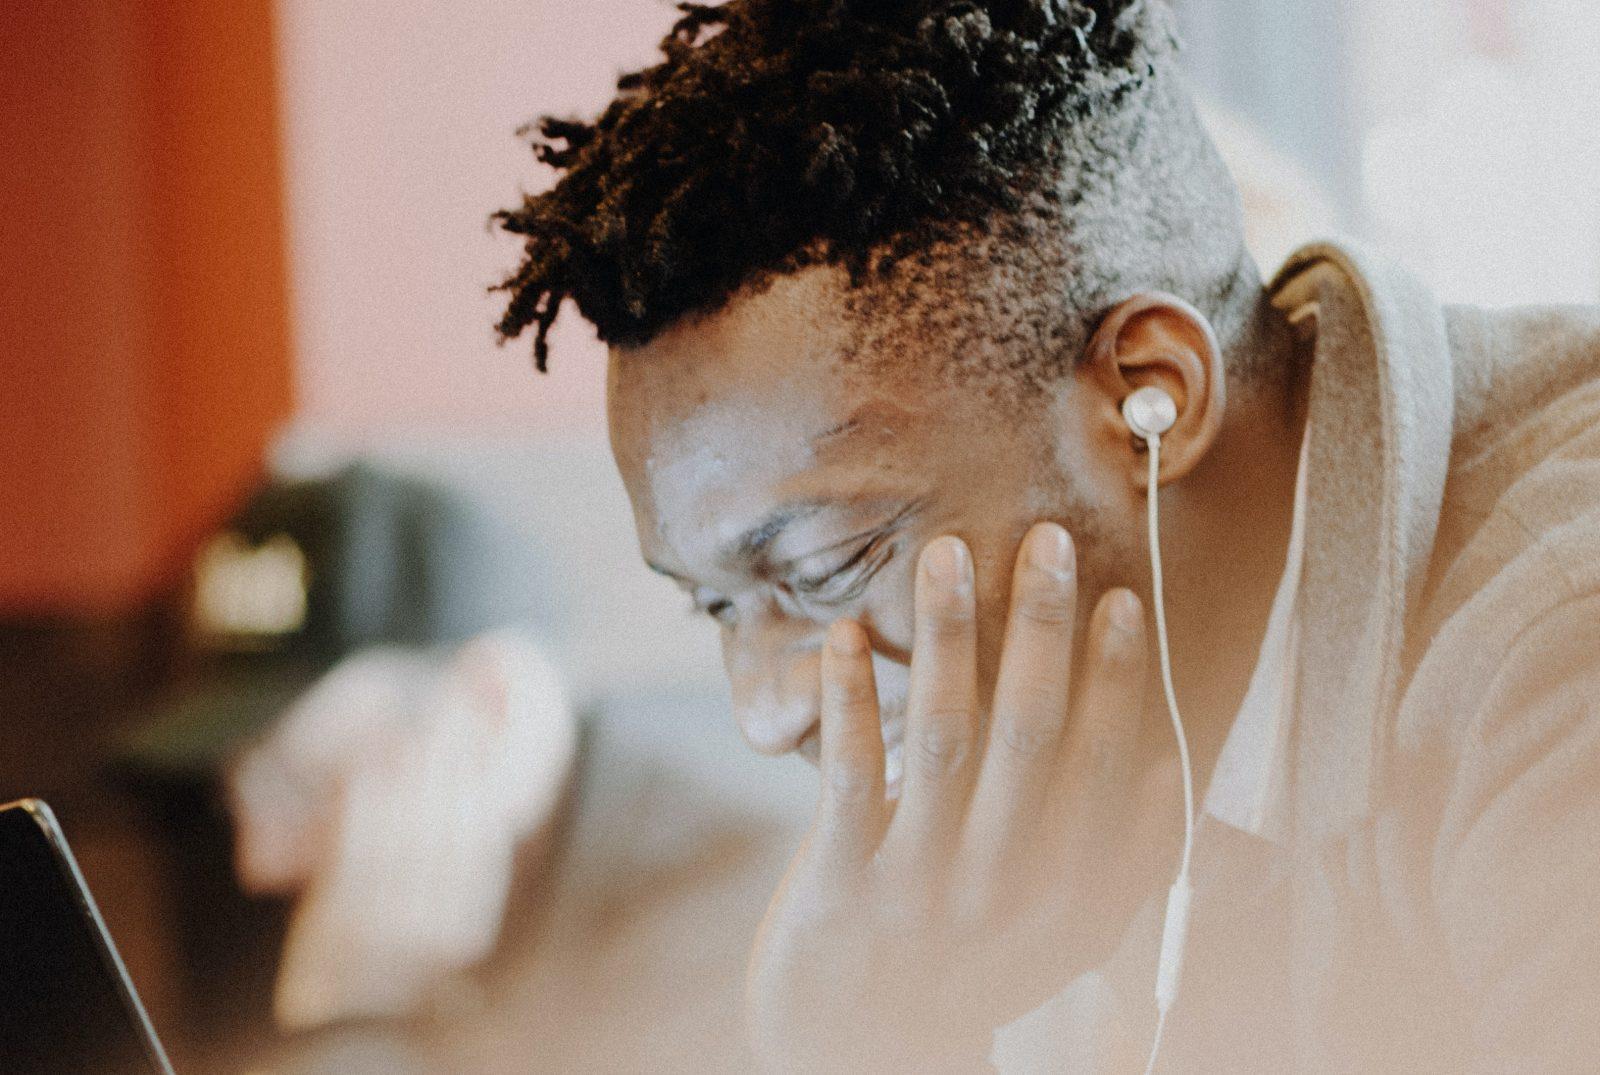 Ihminen katsoo alaspäin ja kuuntelee kuulokkeilla.